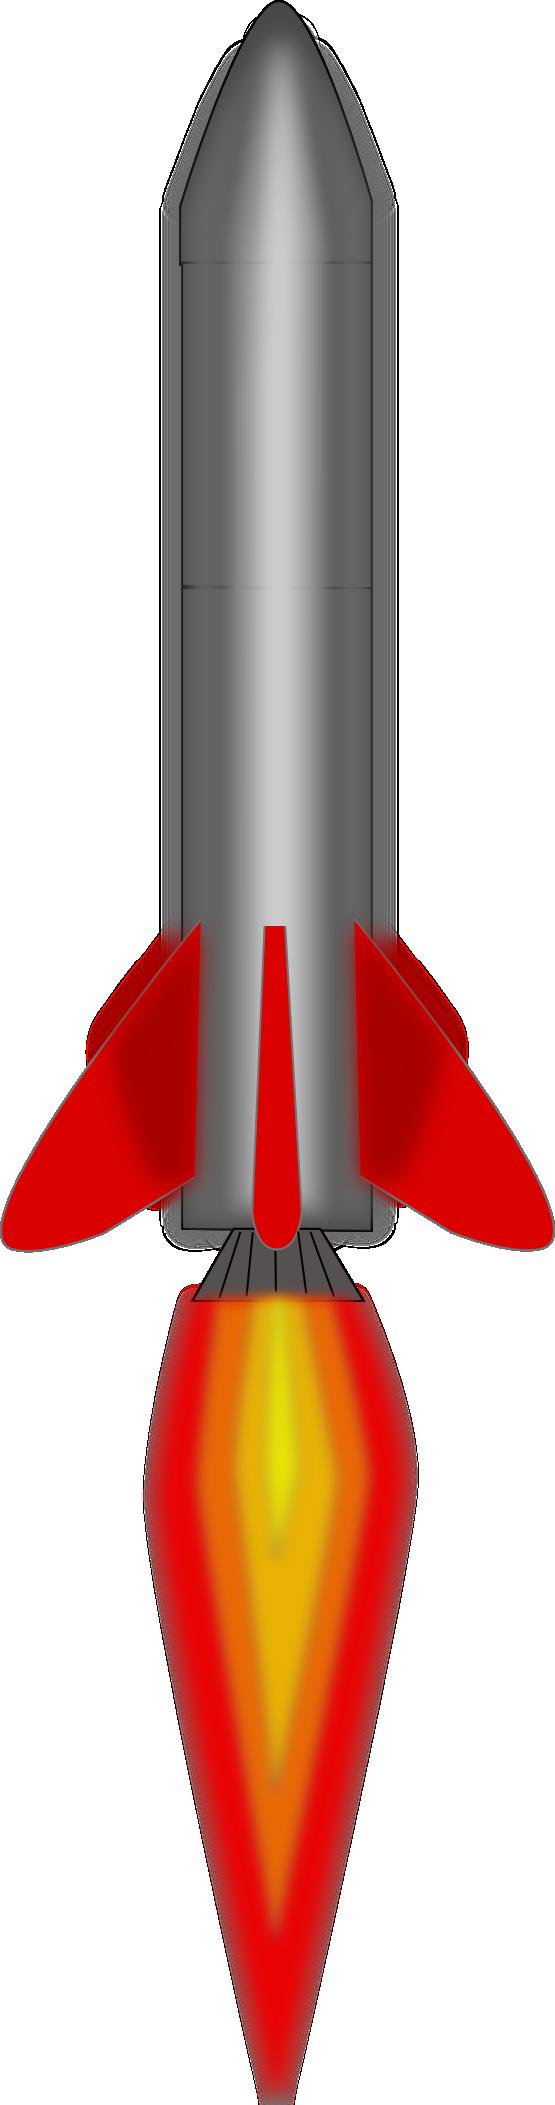 Missile clipart rocket booster Missile Art Free Clip Missile